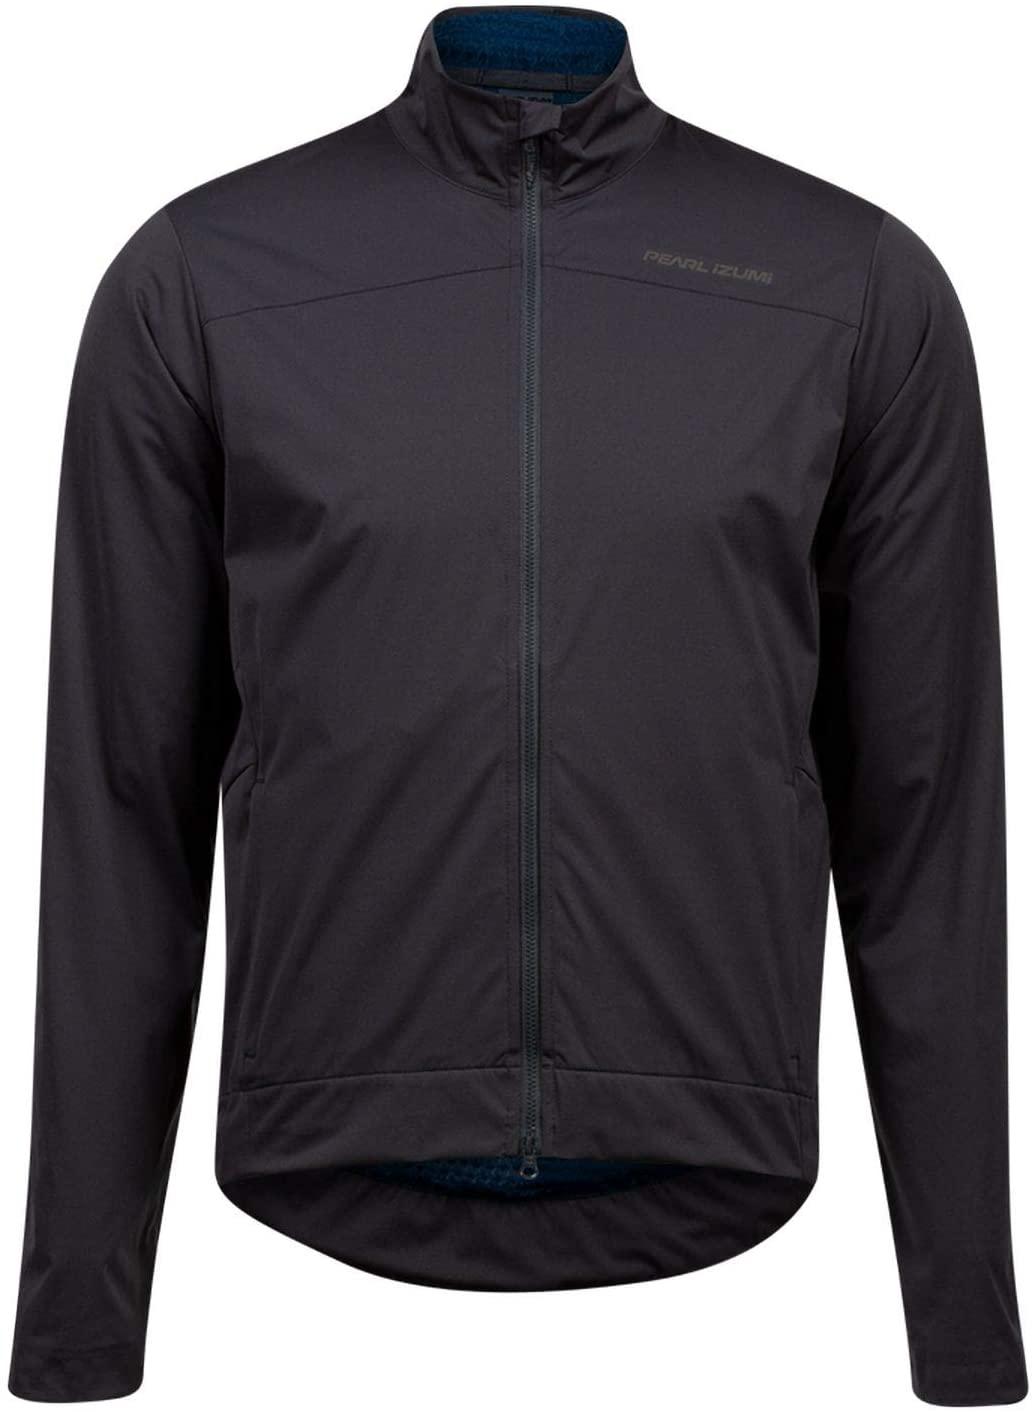 PEARL IZUMI Men's PRO Insulated Jacket, Phantom/Twilight, Large